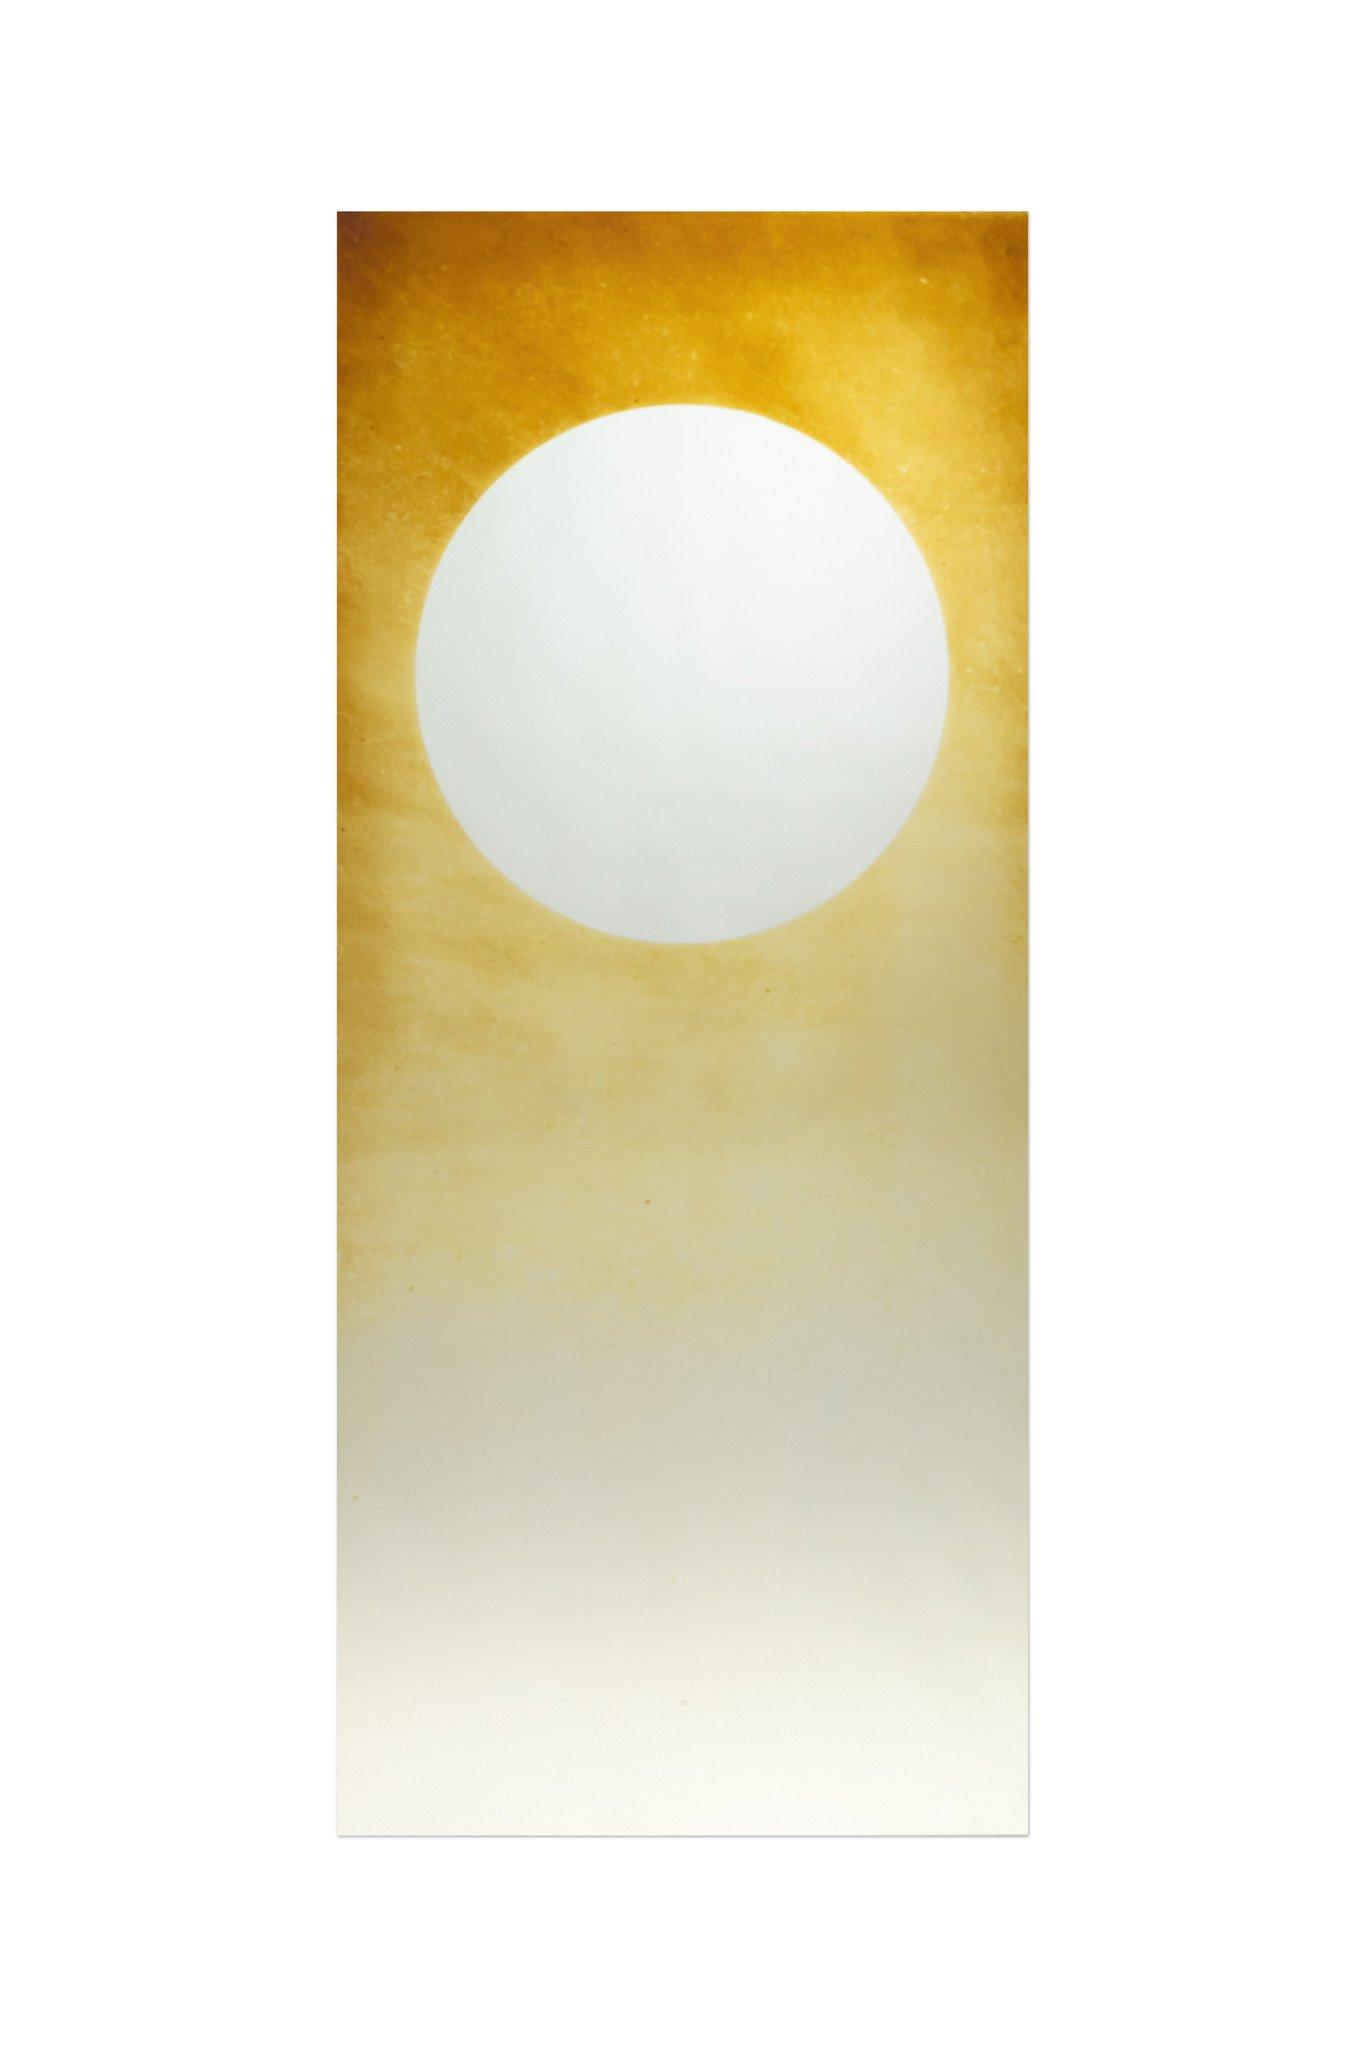 Eclipse Transience Mirror